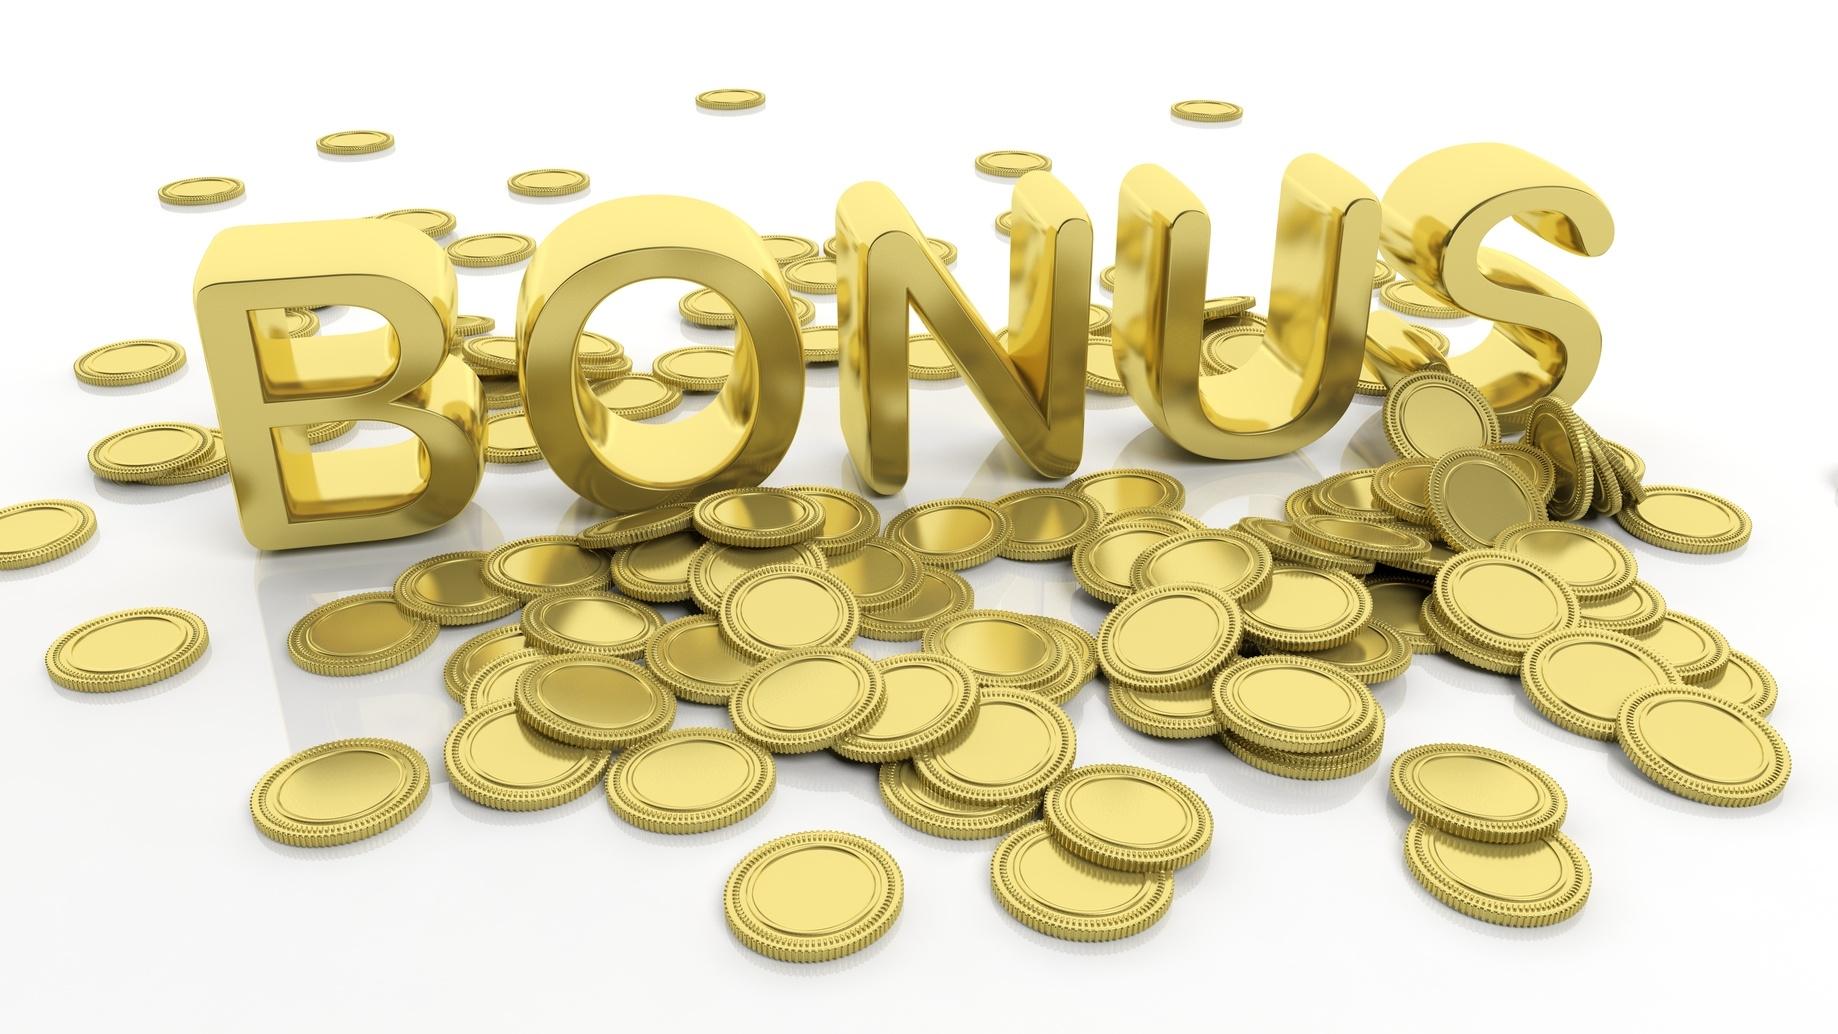 Sloto'Cash-da 700% kazino o'yin bonusi